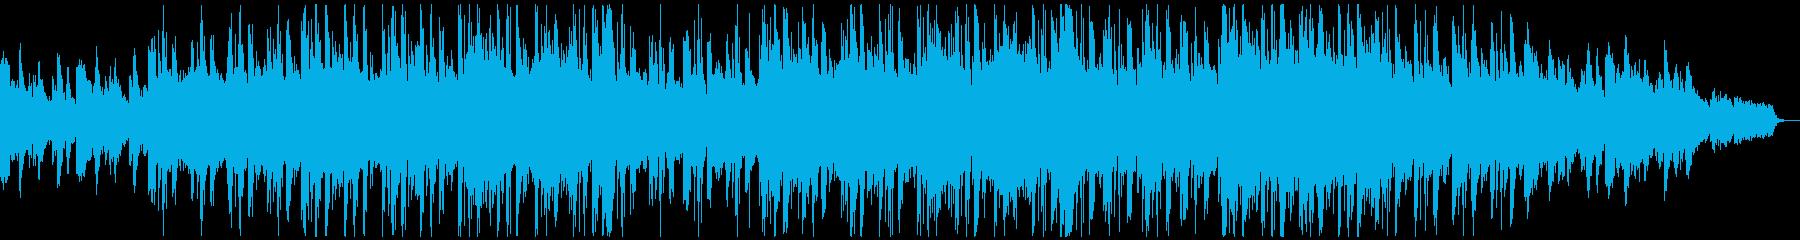 月がテーマのハイテンポのエレクトロの再生済みの波形